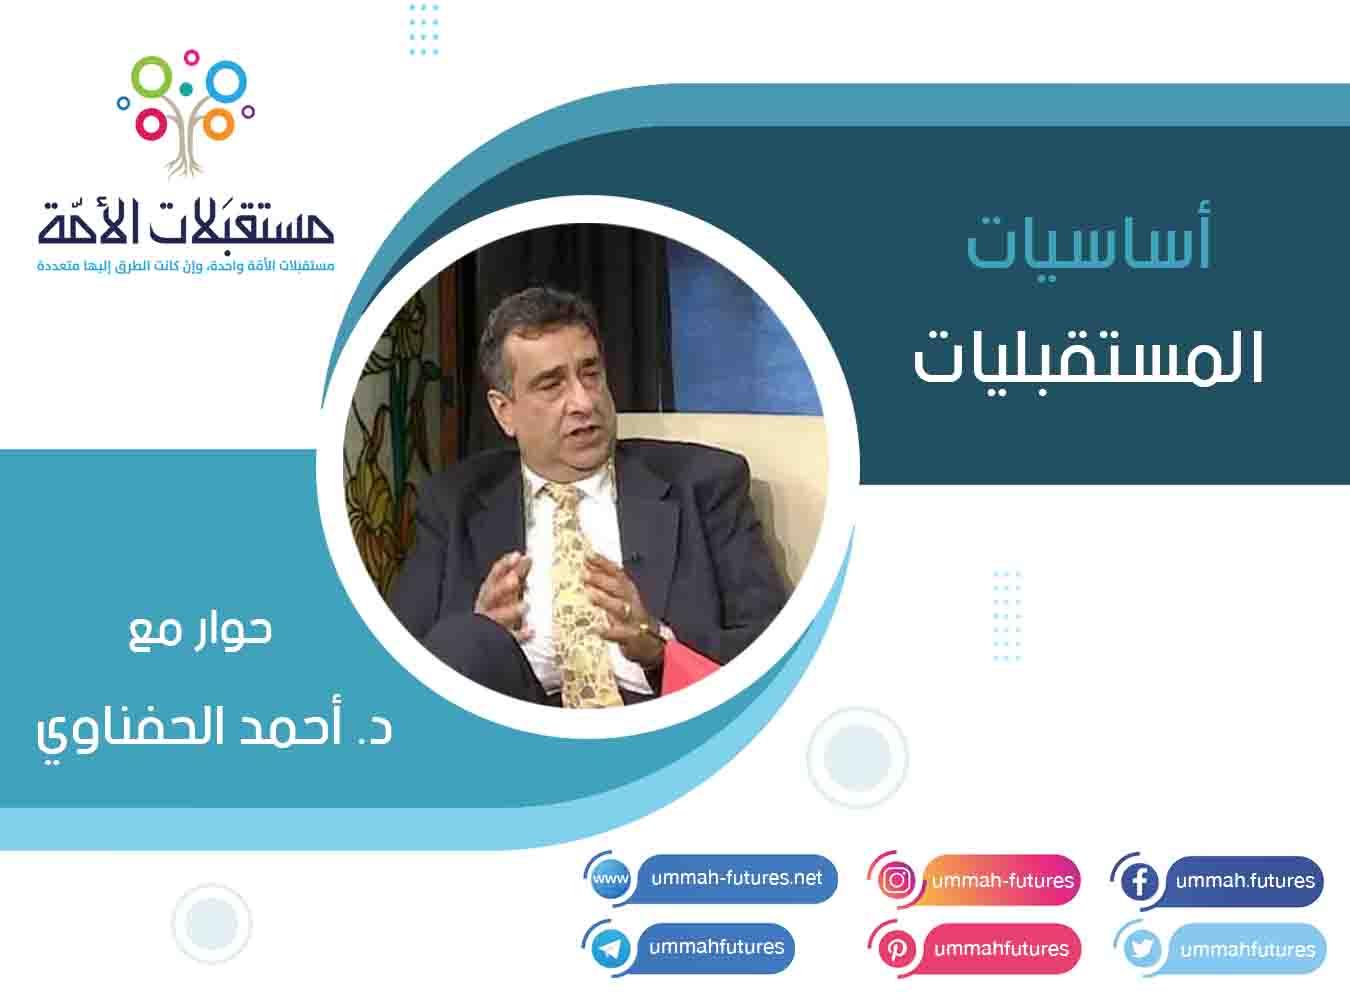 أساسيات المستقبليات   حوار مع الدكتور أحمد الحفناوي